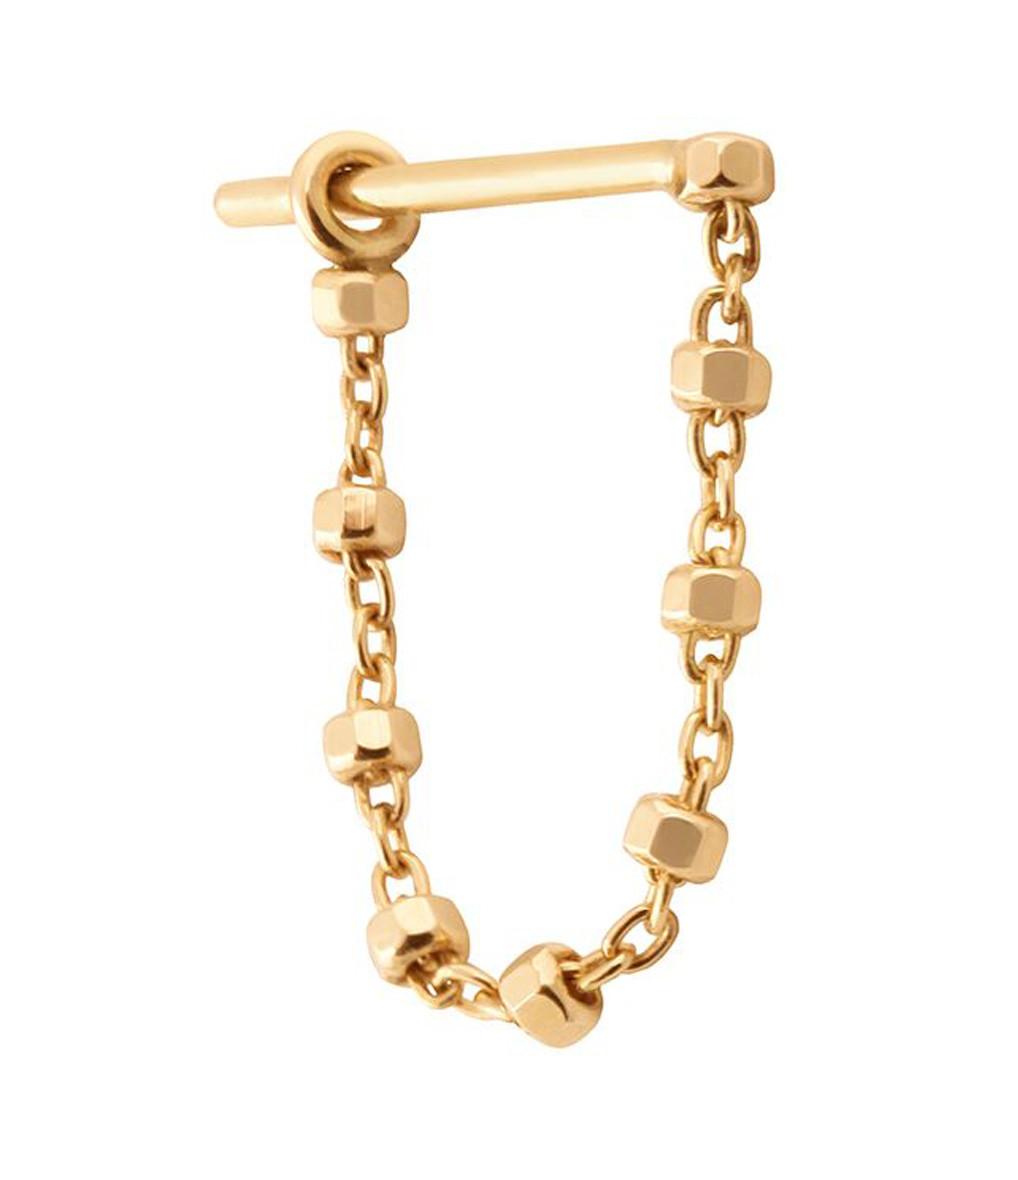 Boucle d'oreille Chaîne Diamantée 3 cm (vendue à l'unité) - CHARLET